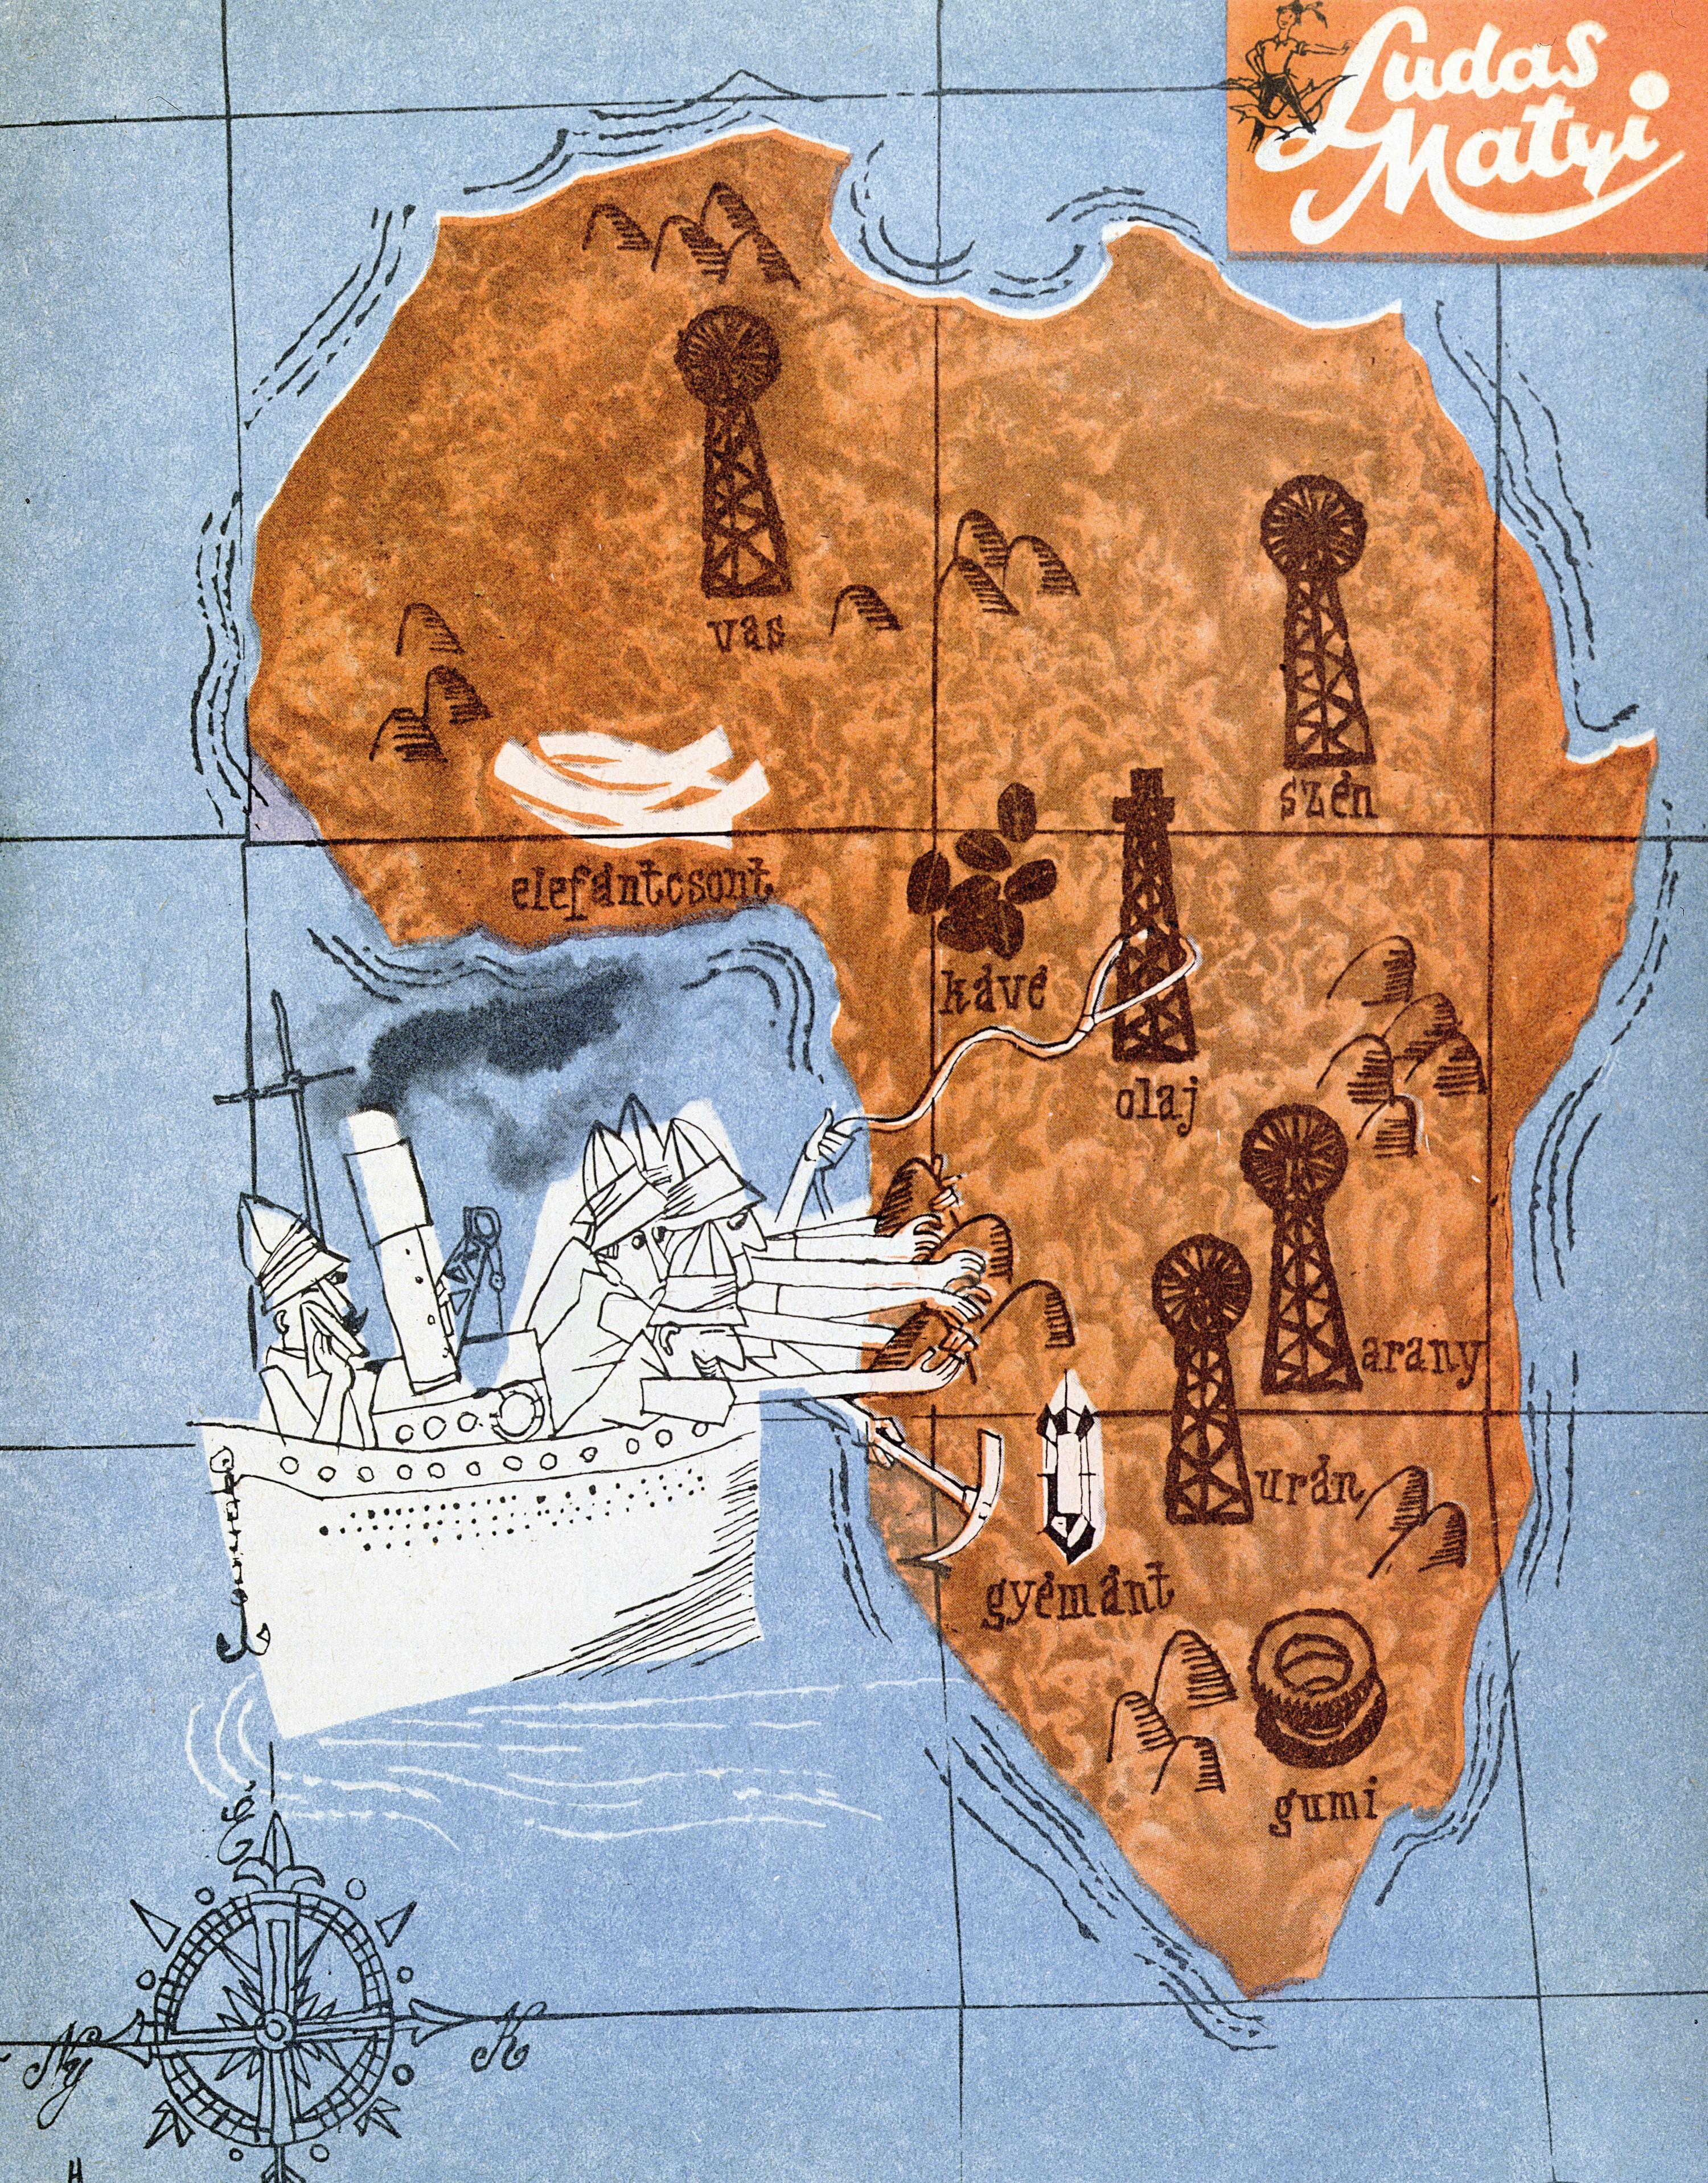 « C'est difficile de dire au revoir », dans Ludas Matyi, 1960, lithographie coloriée, coll. privée.